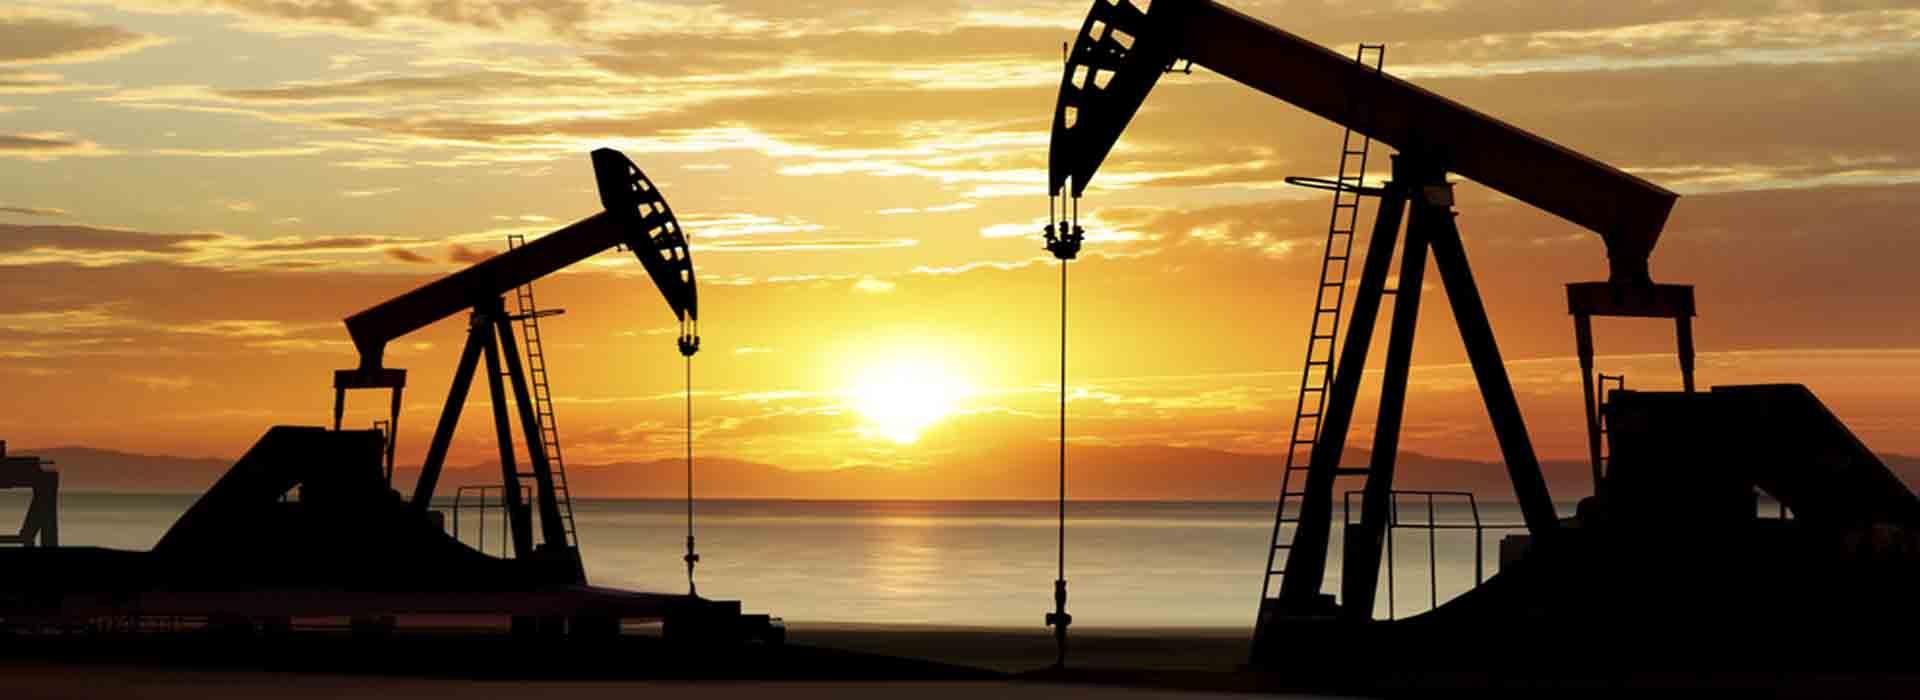 ¿Por qué se ha recuperado el mercado petrolero?